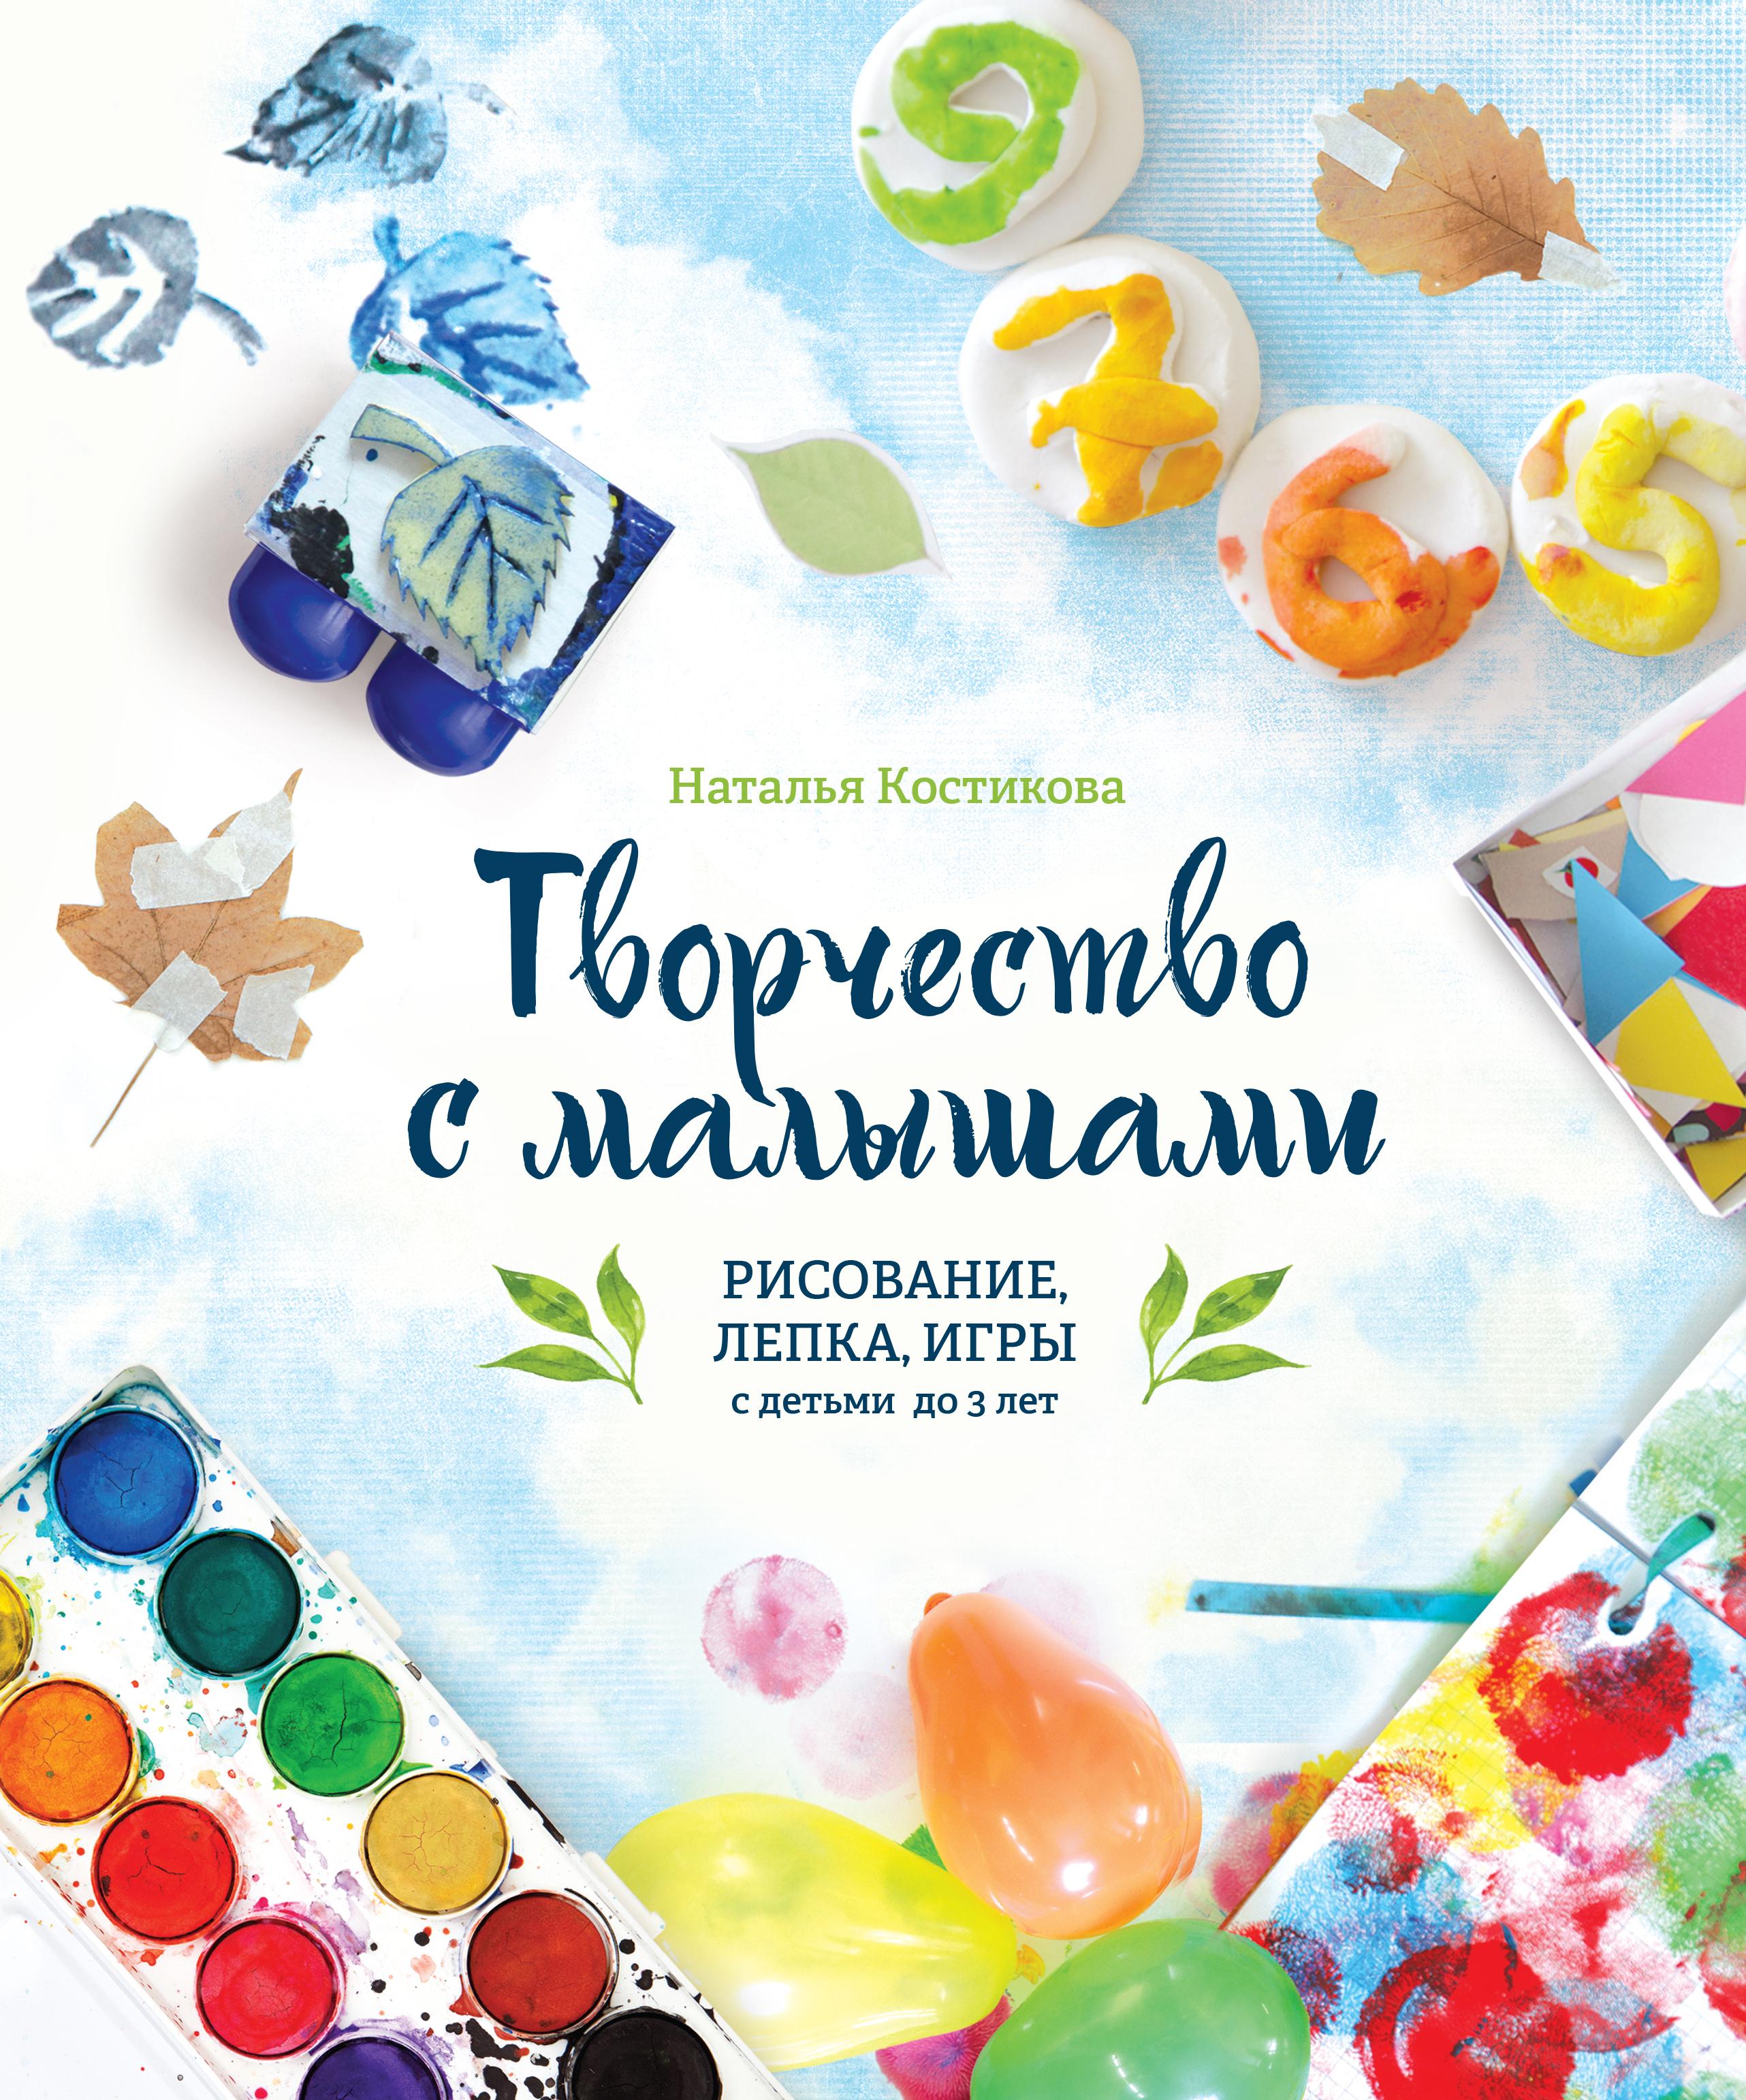 Наталья Костикова Творчество с малышами. Рисование, лепка, игры с детьми до 3 лет